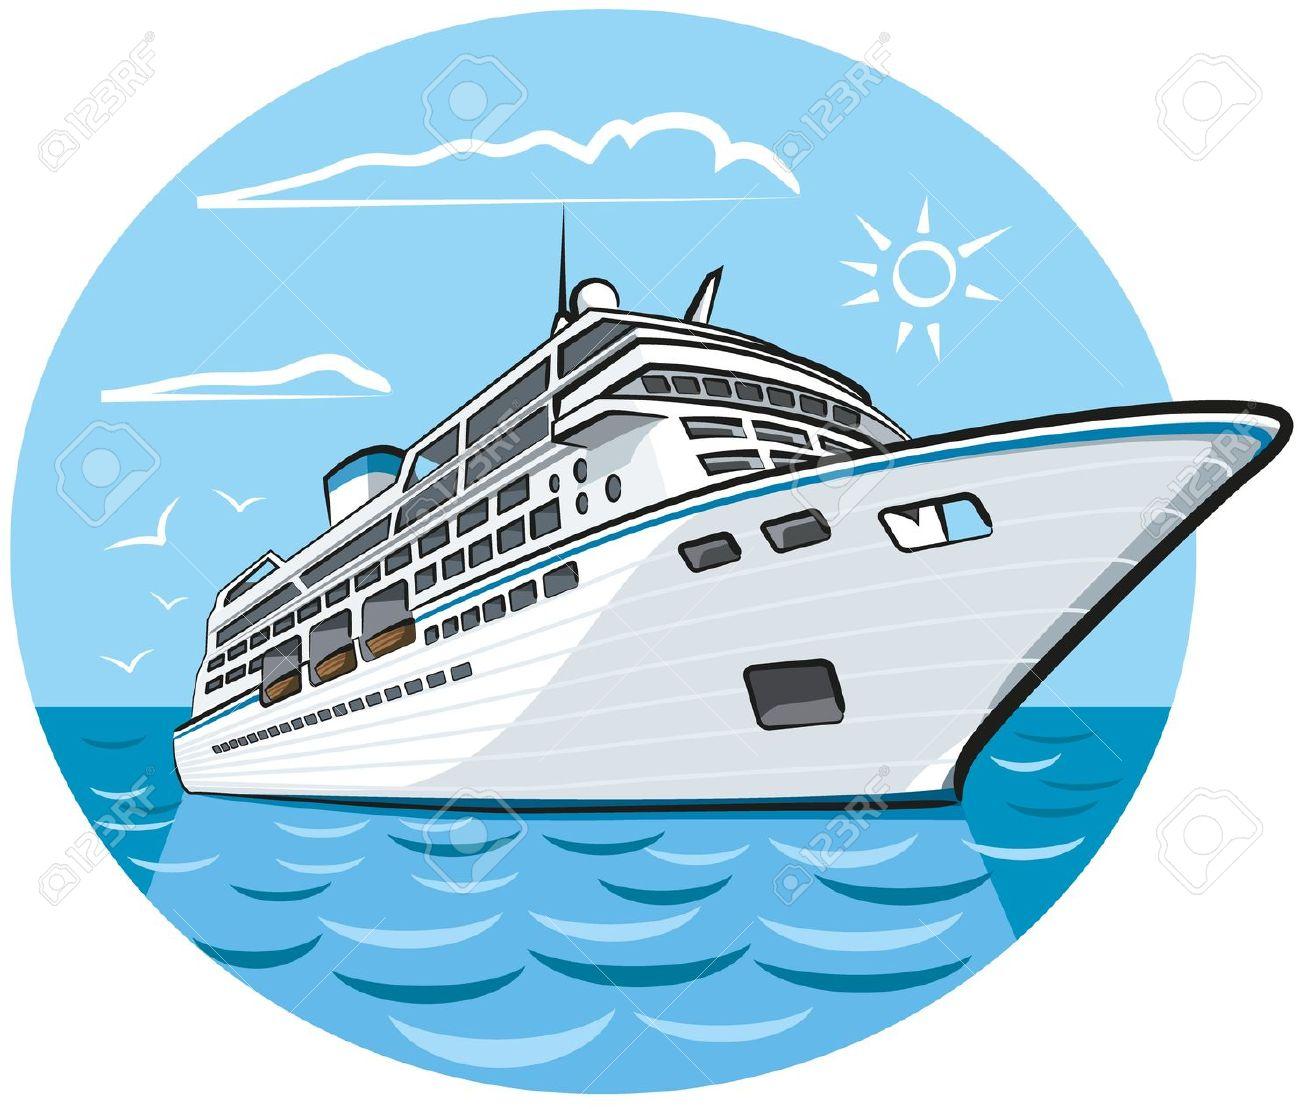 cruise ship: luxury cruise .